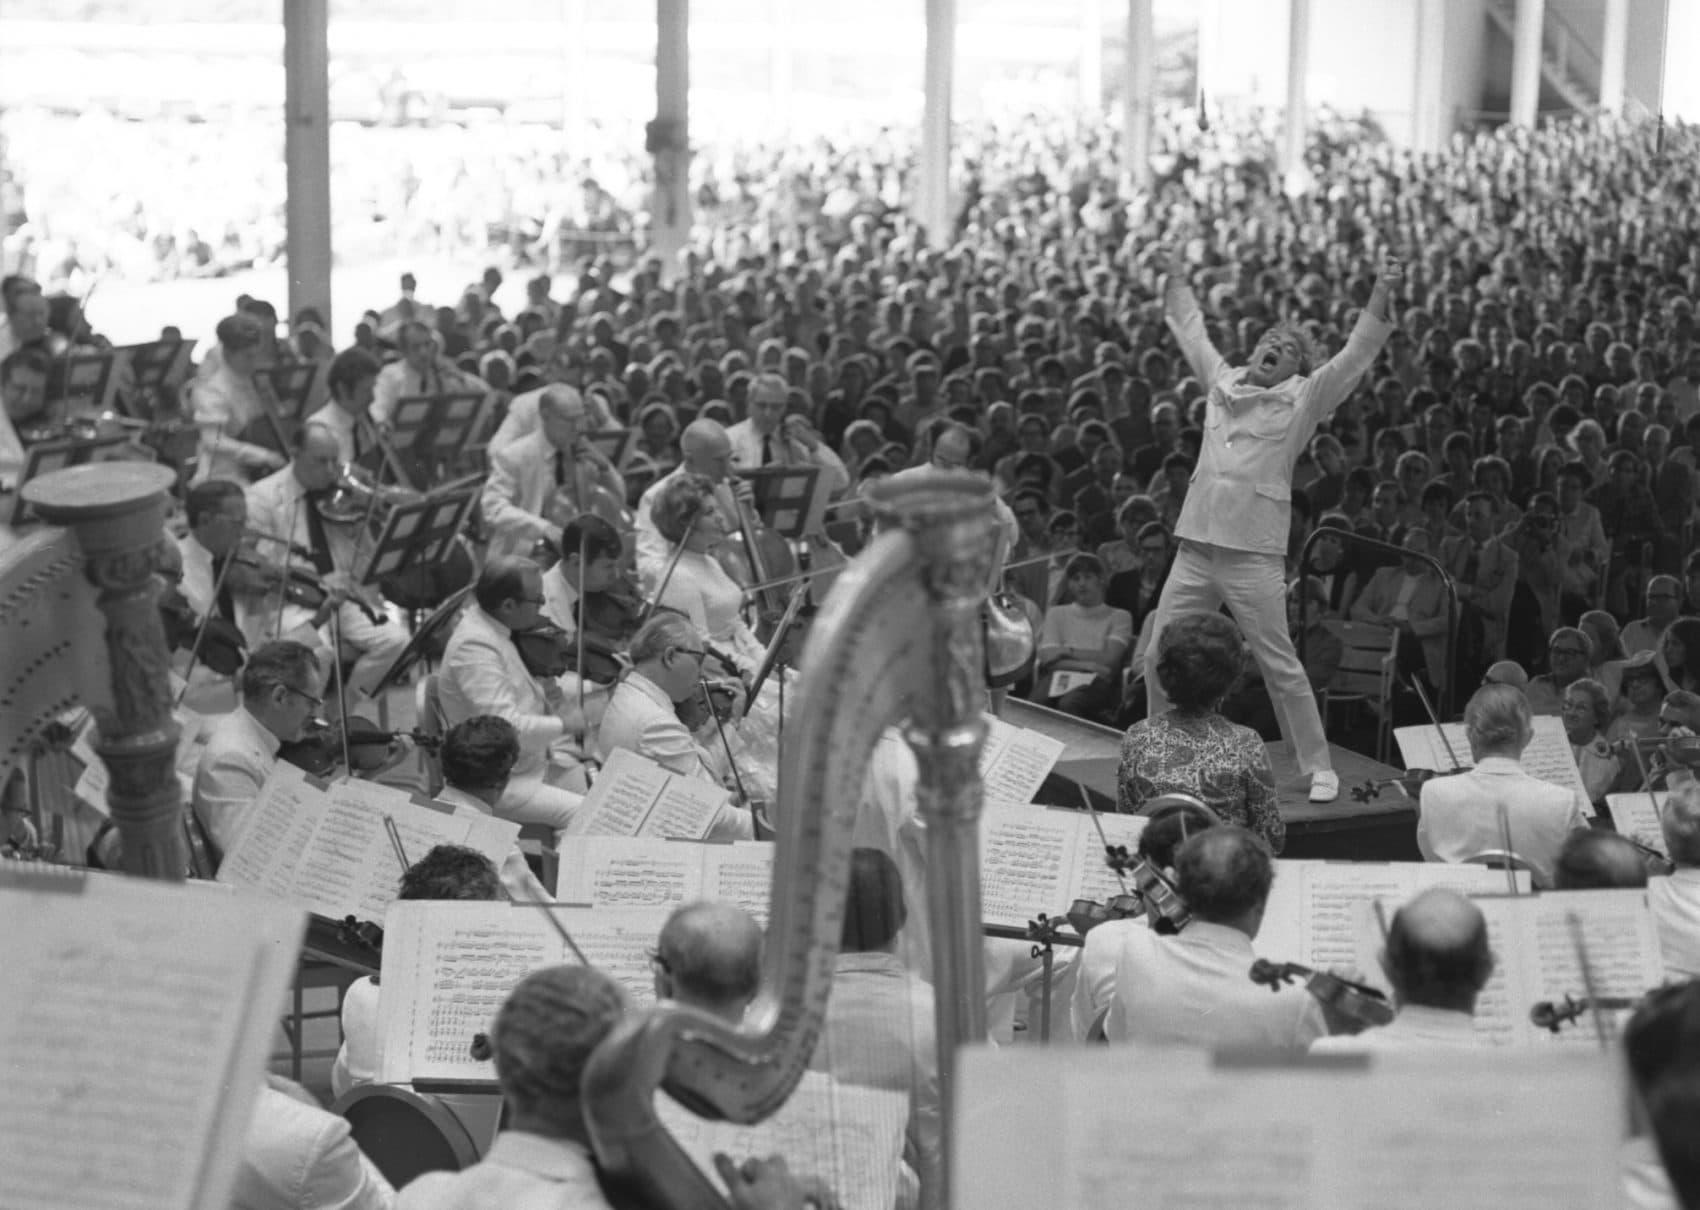 Leonard Bernstein conducting at Tanglewood. (Courtesy Heinz Weissenstein, Whitestone Photo/BSO)